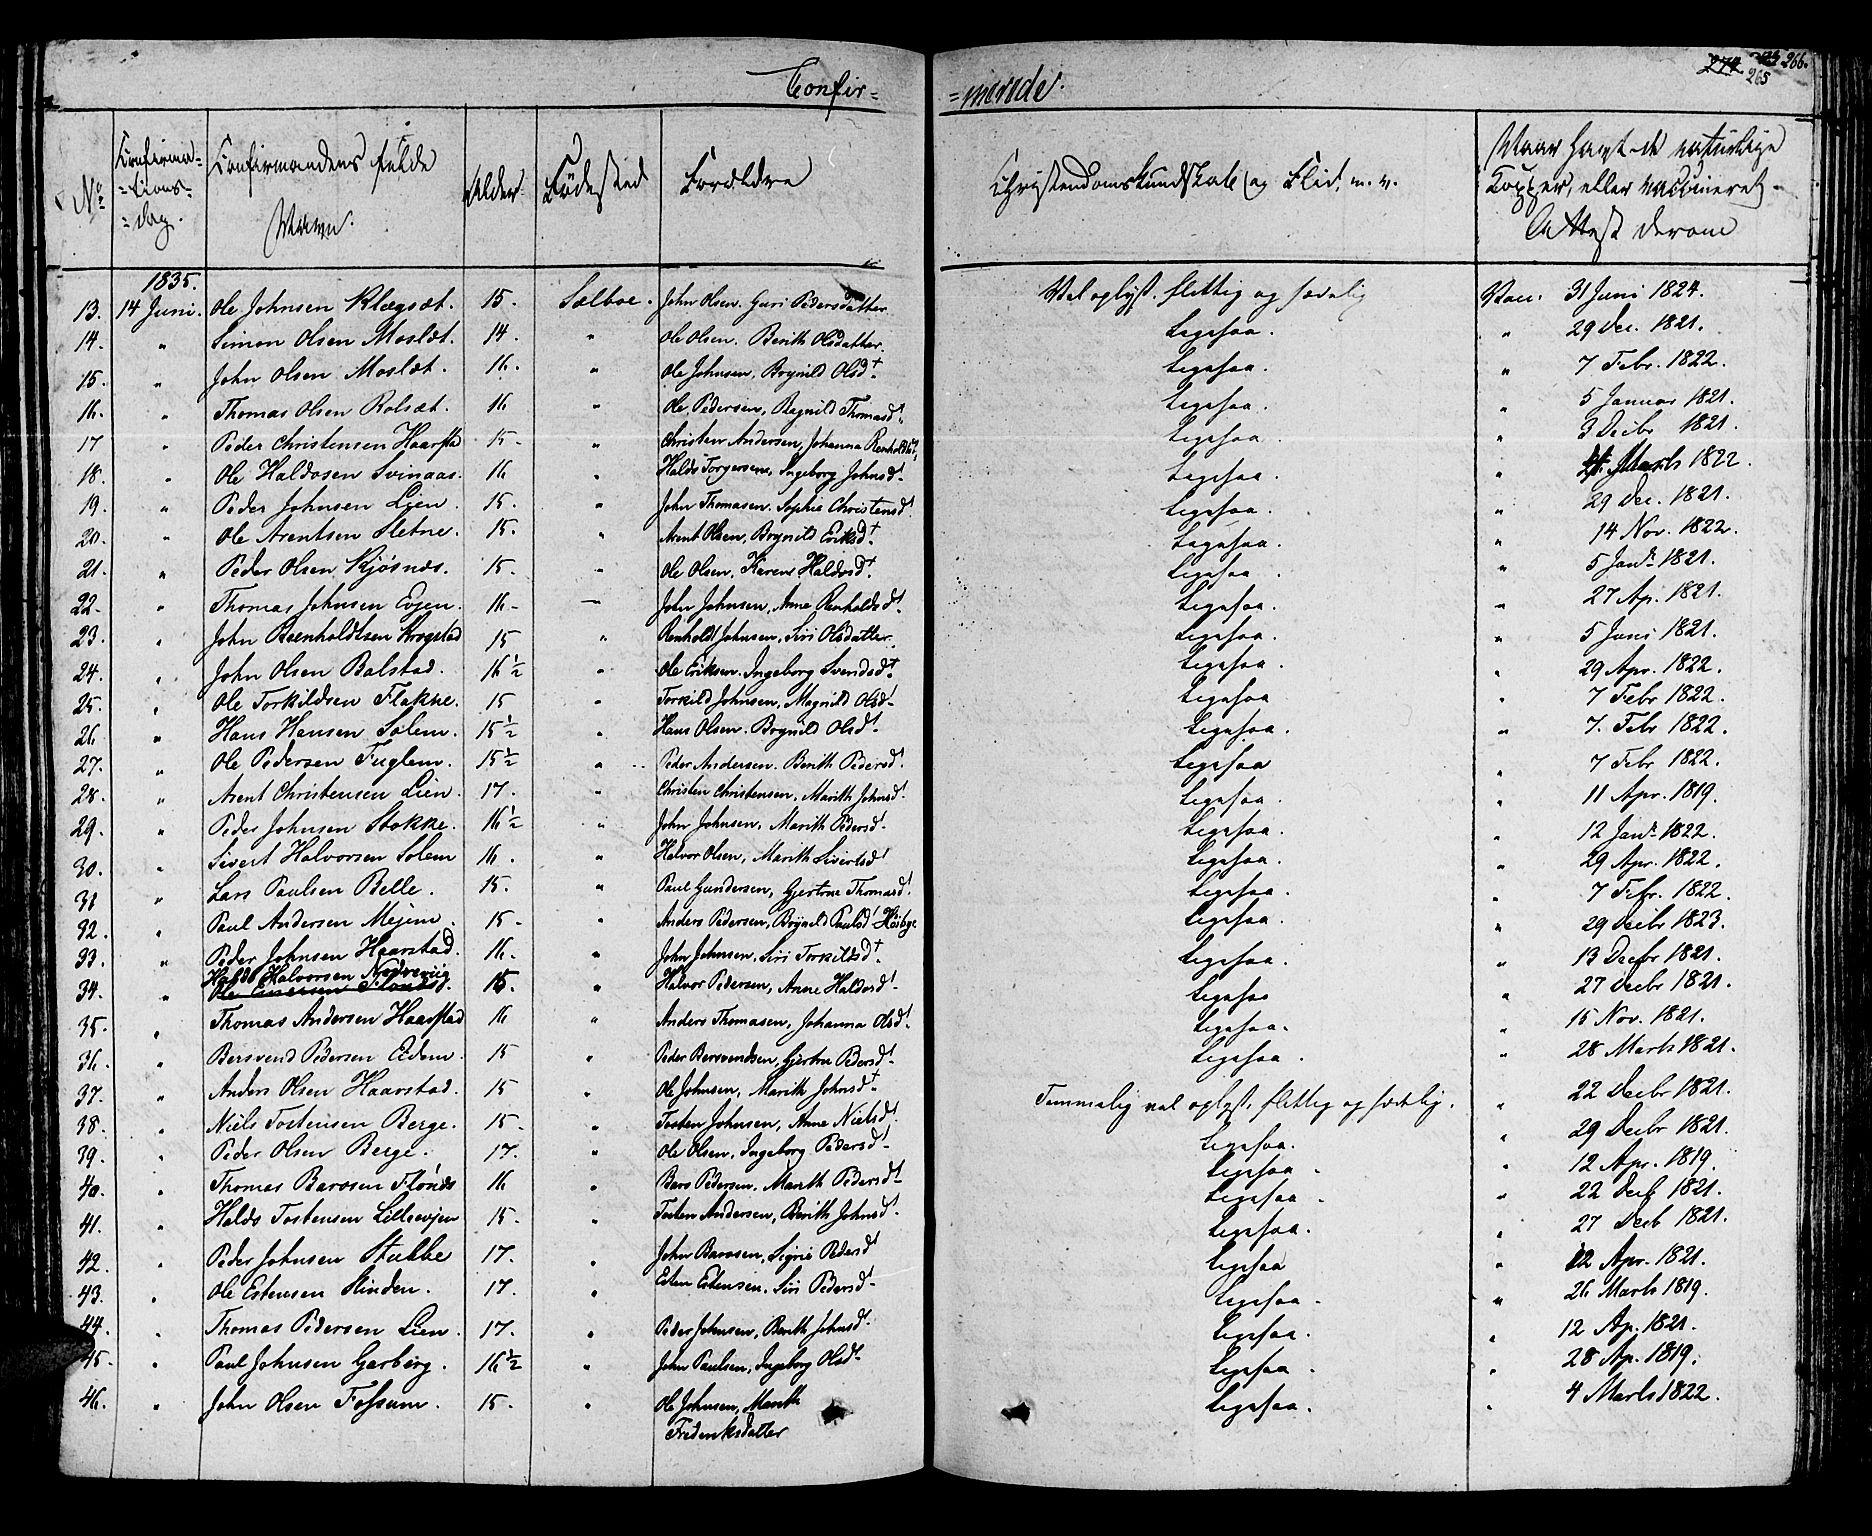 SAT, Ministerialprotokoller, klokkerbøker og fødselsregistre - Sør-Trøndelag, 695/L1143: Ministerialbok nr. 695A05 /1, 1824-1842, s. 265